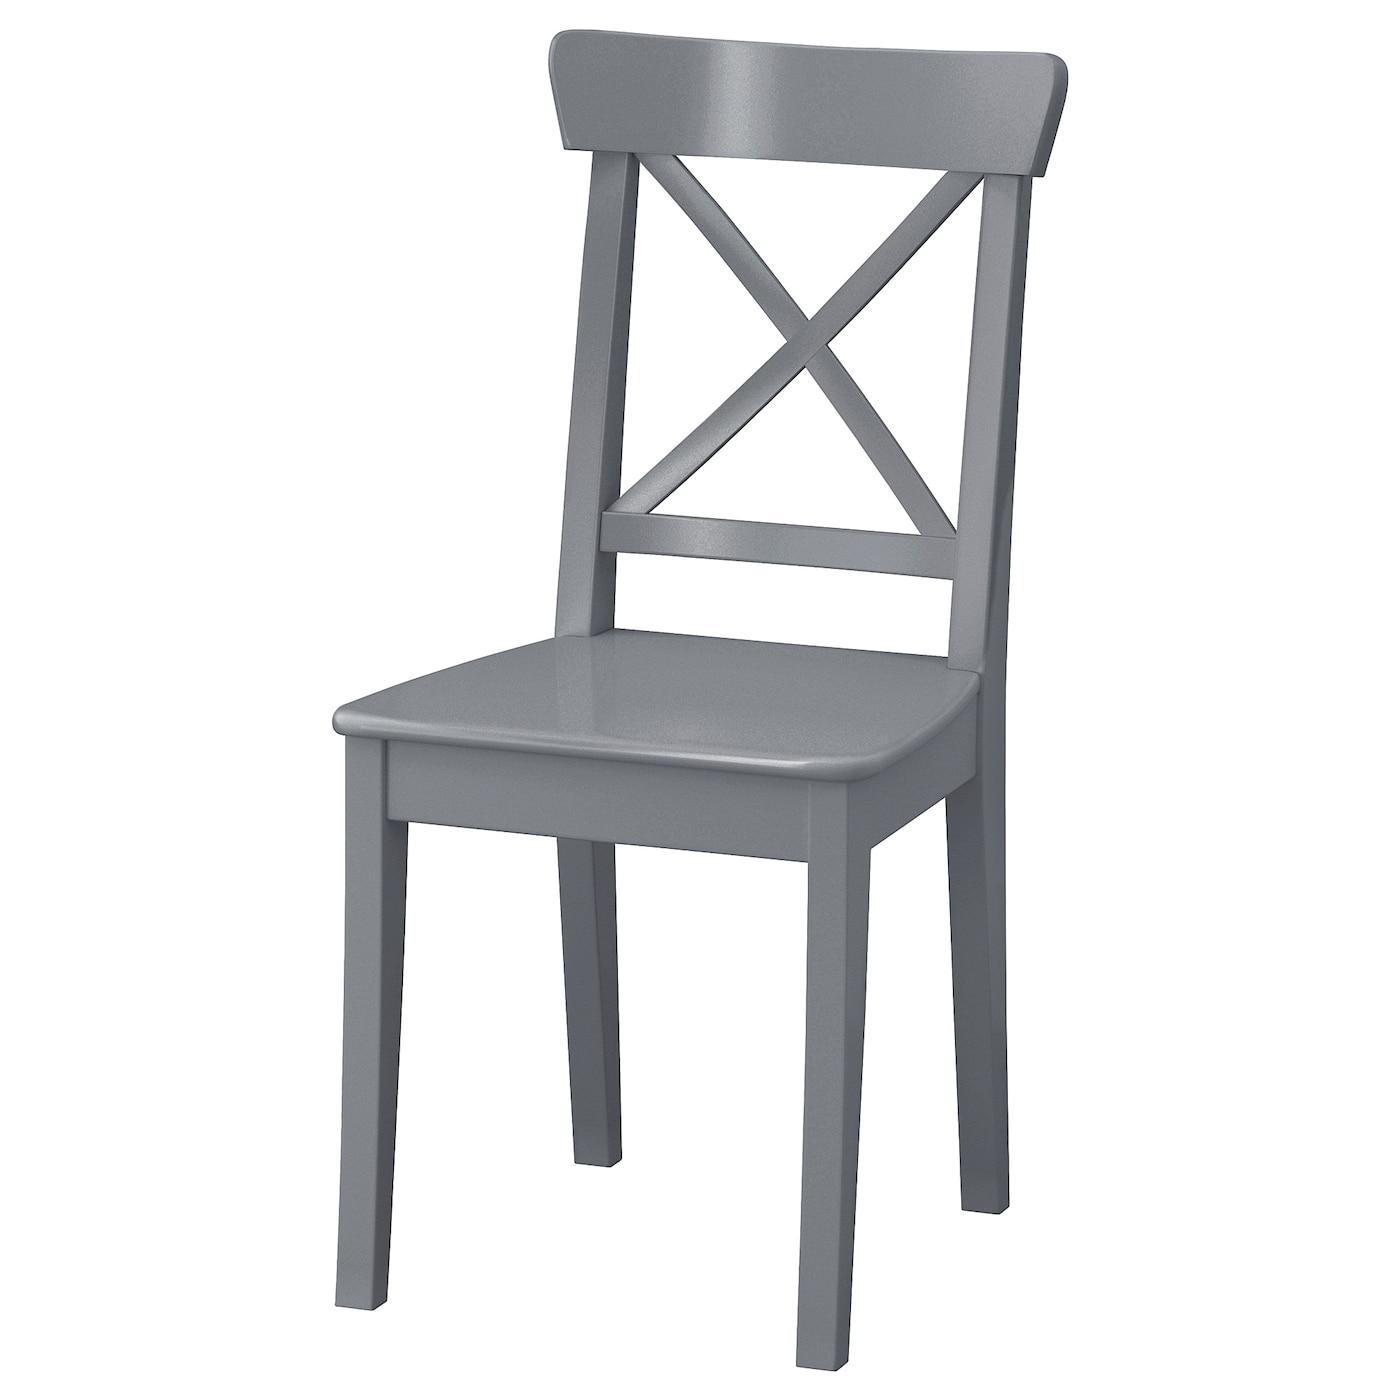 f-chair-grey__0622804_PE690773_S5